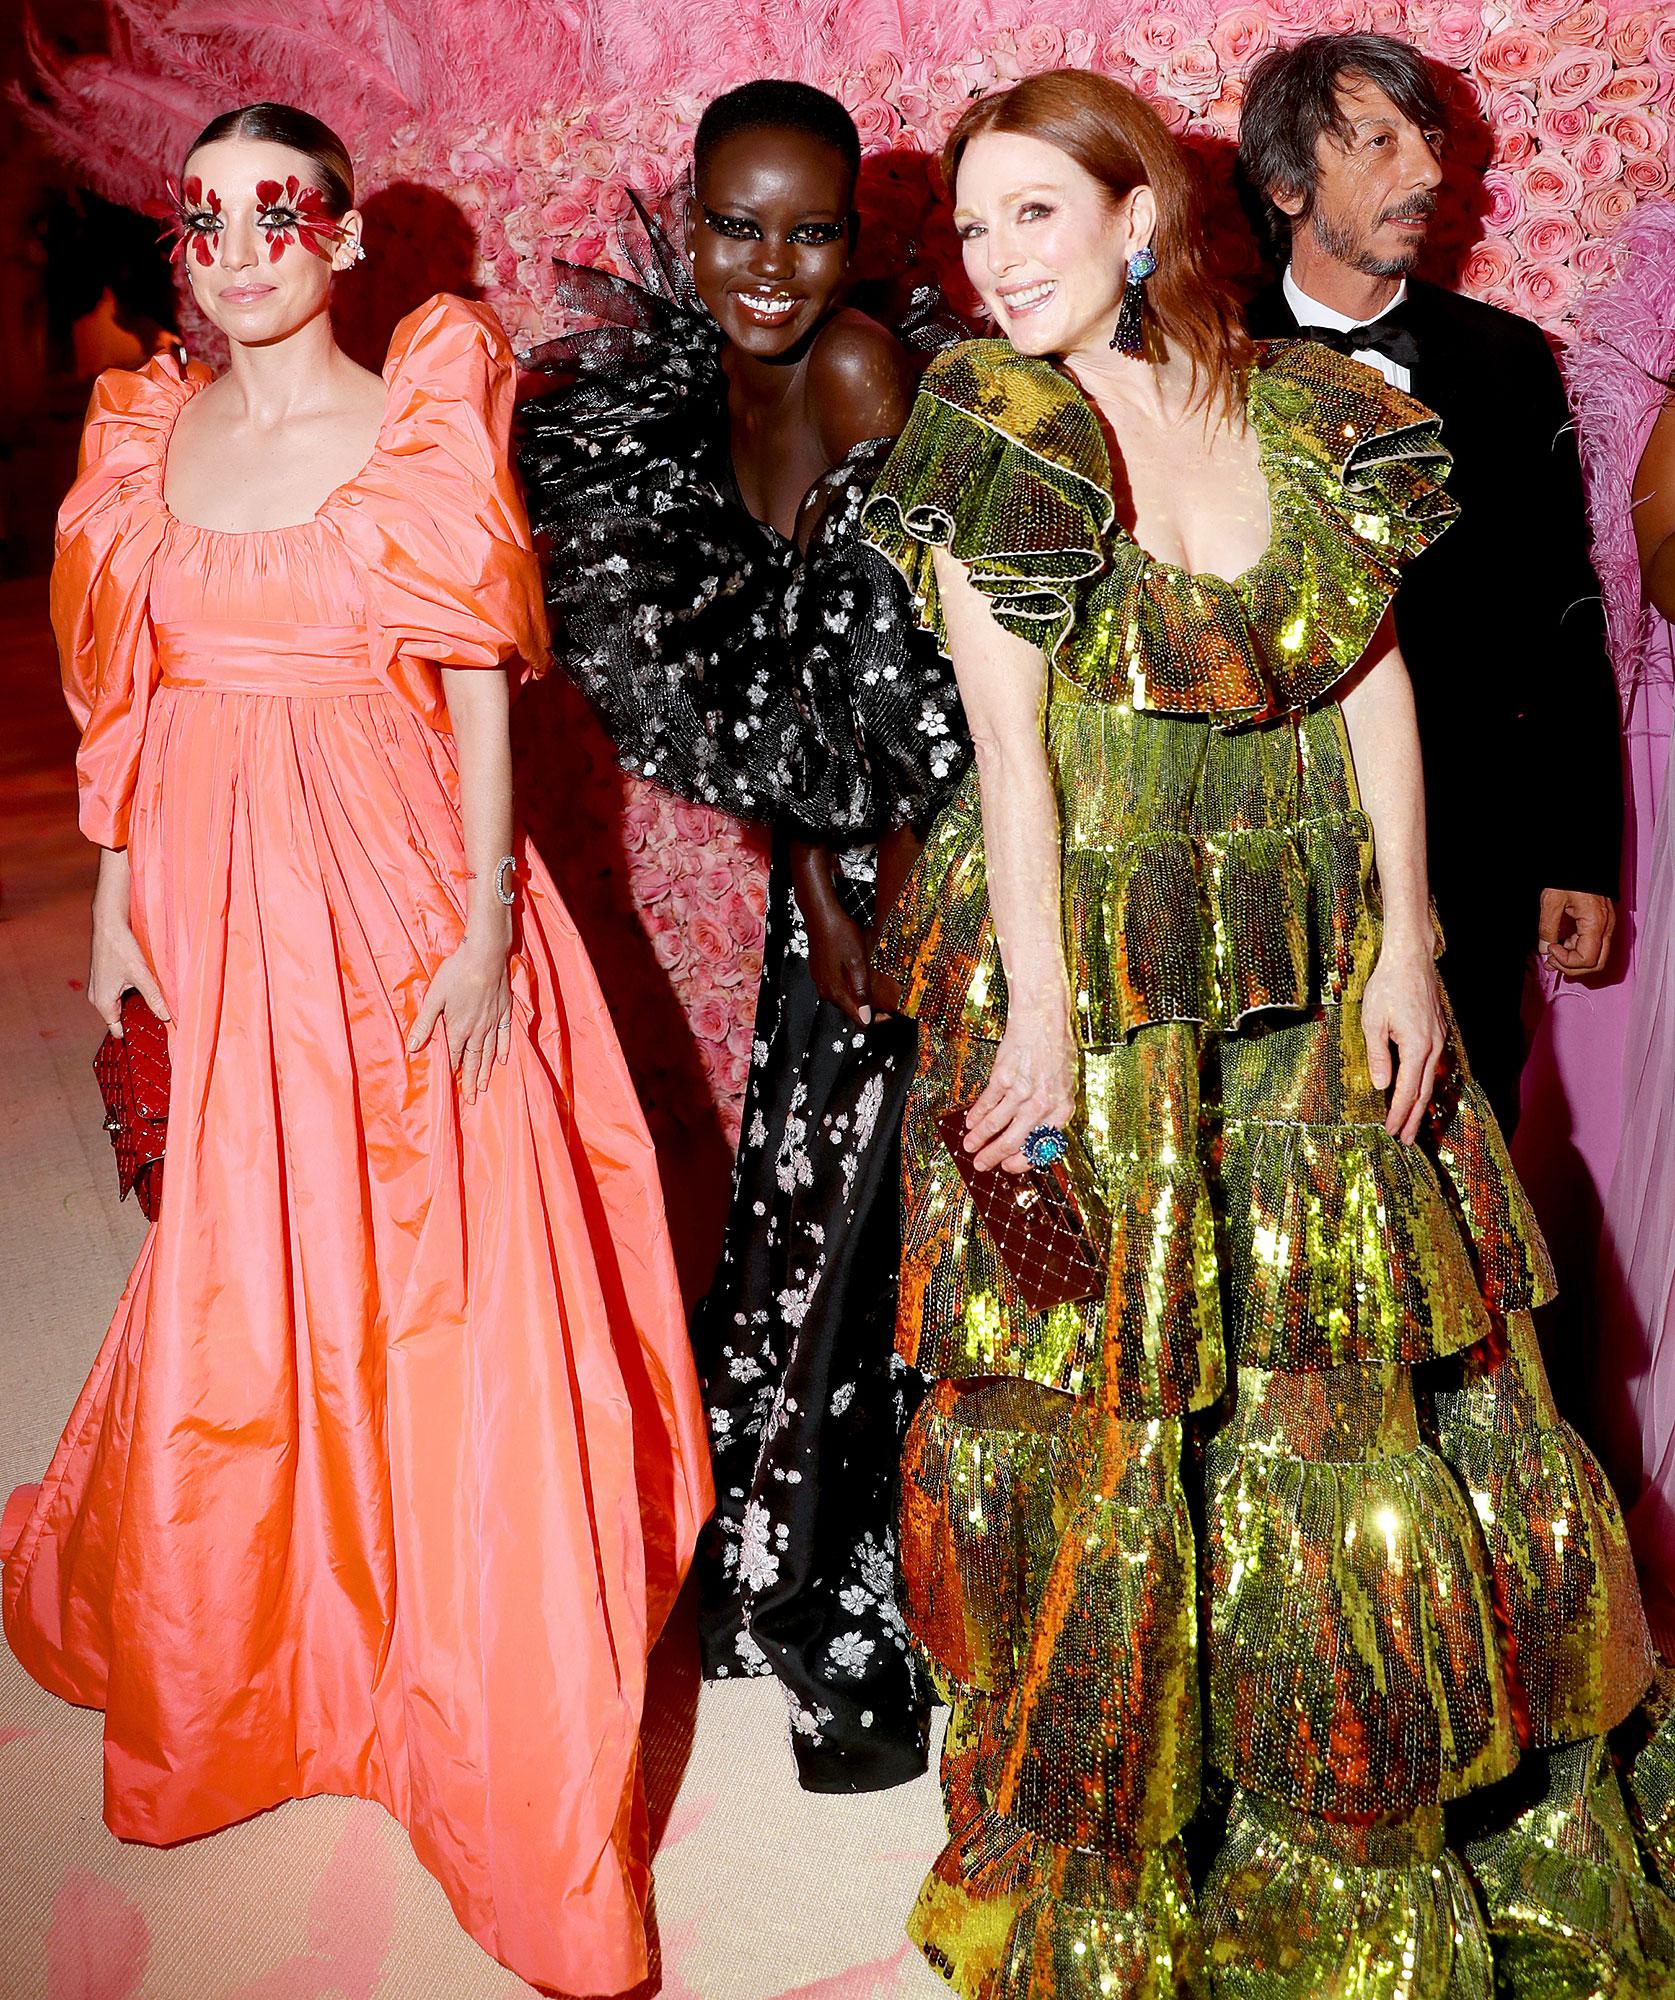 Met Gala 2019 What You Didnt See Lykke Li Adut Akech Bior Julianne Moore - Singer Lykke Li, model Adut Akech Bior and Julianne Moore stunned in over-the-top looks.